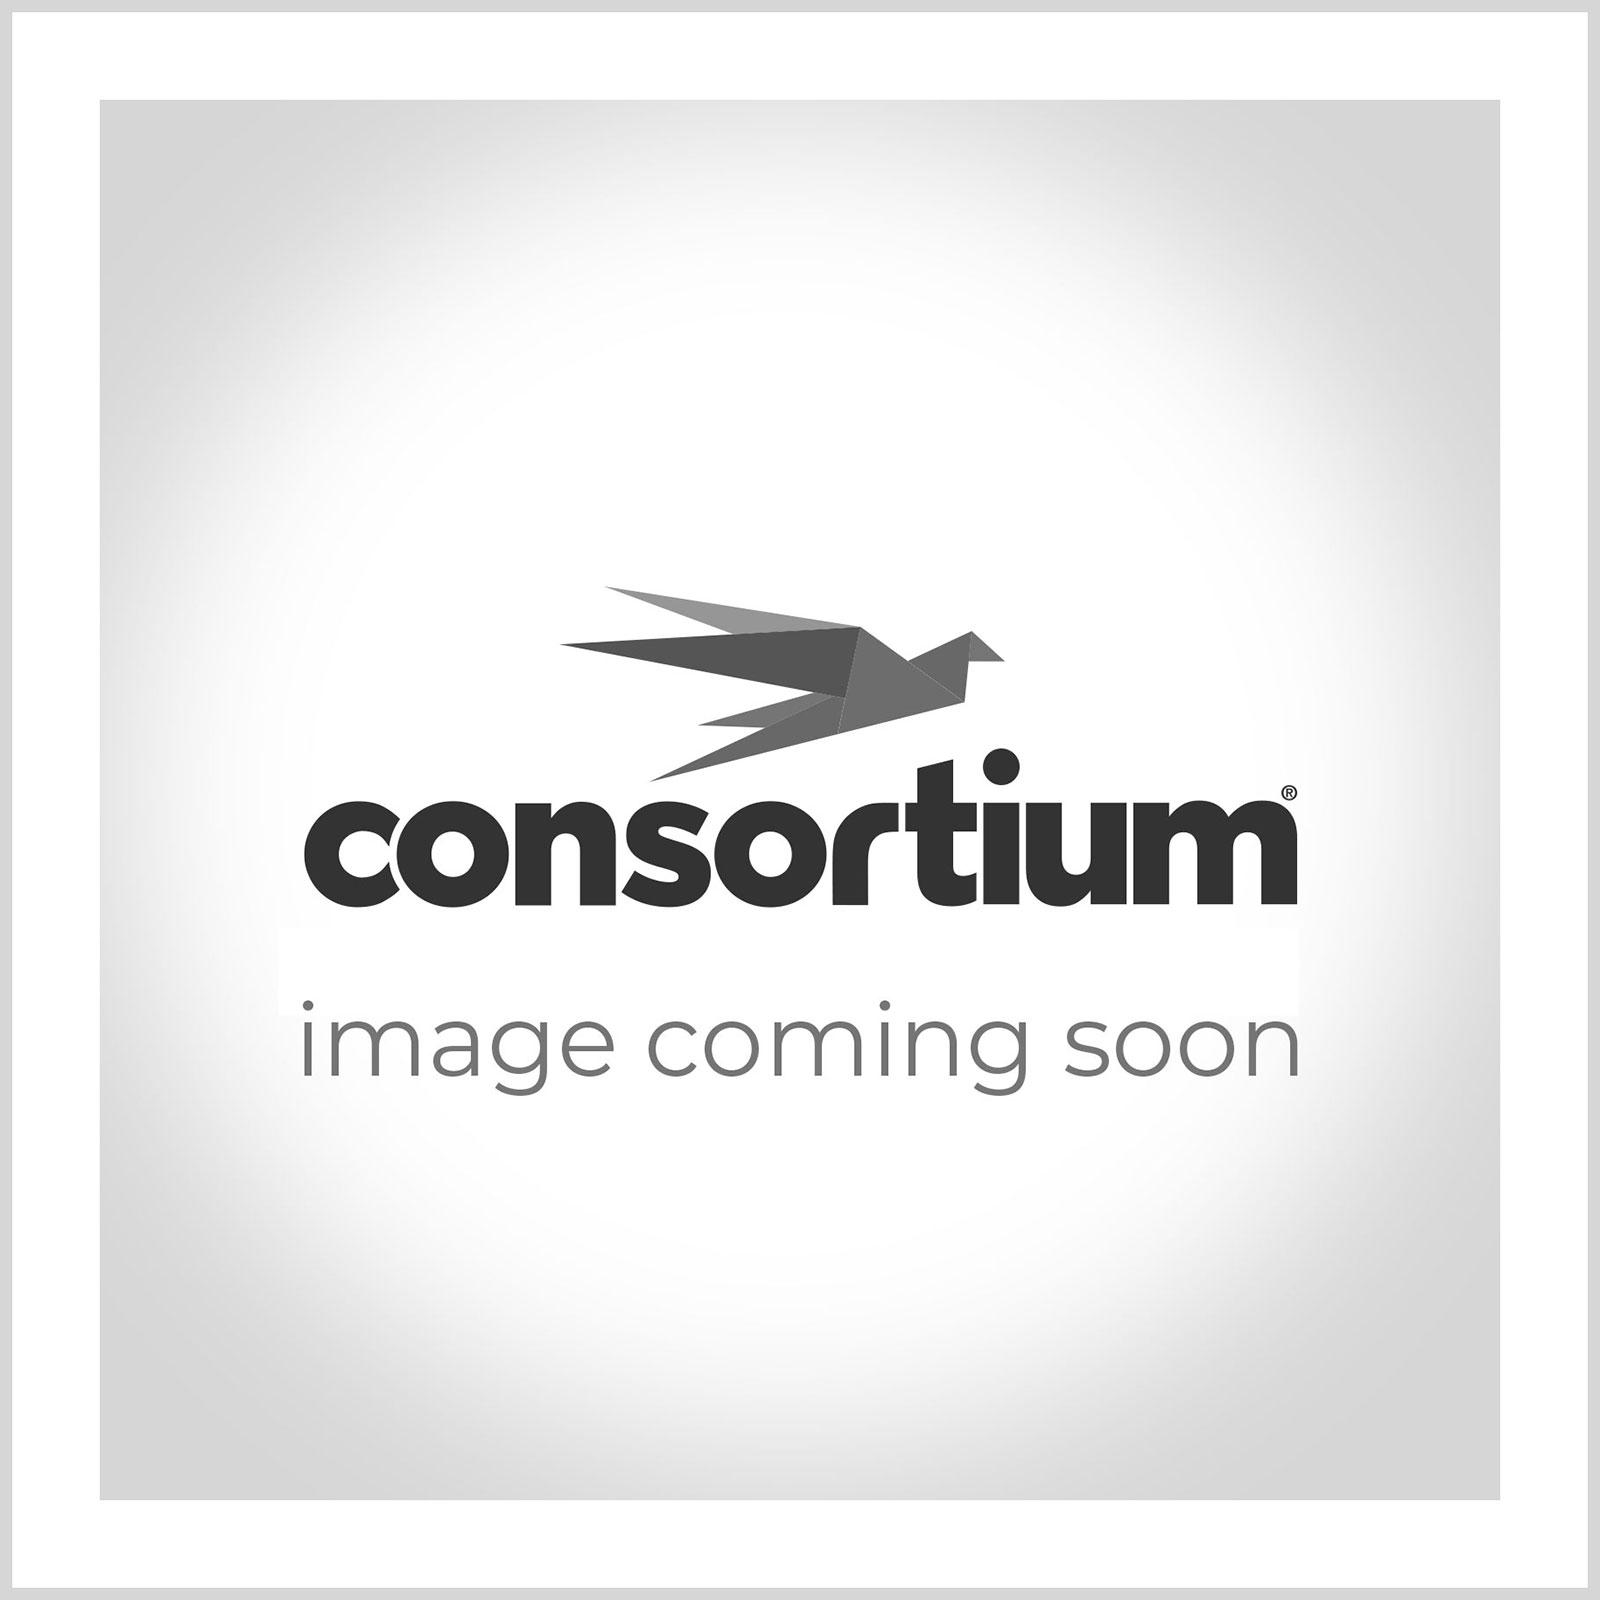 Consortium Copier Paper & Laminating Pouch Big Deal